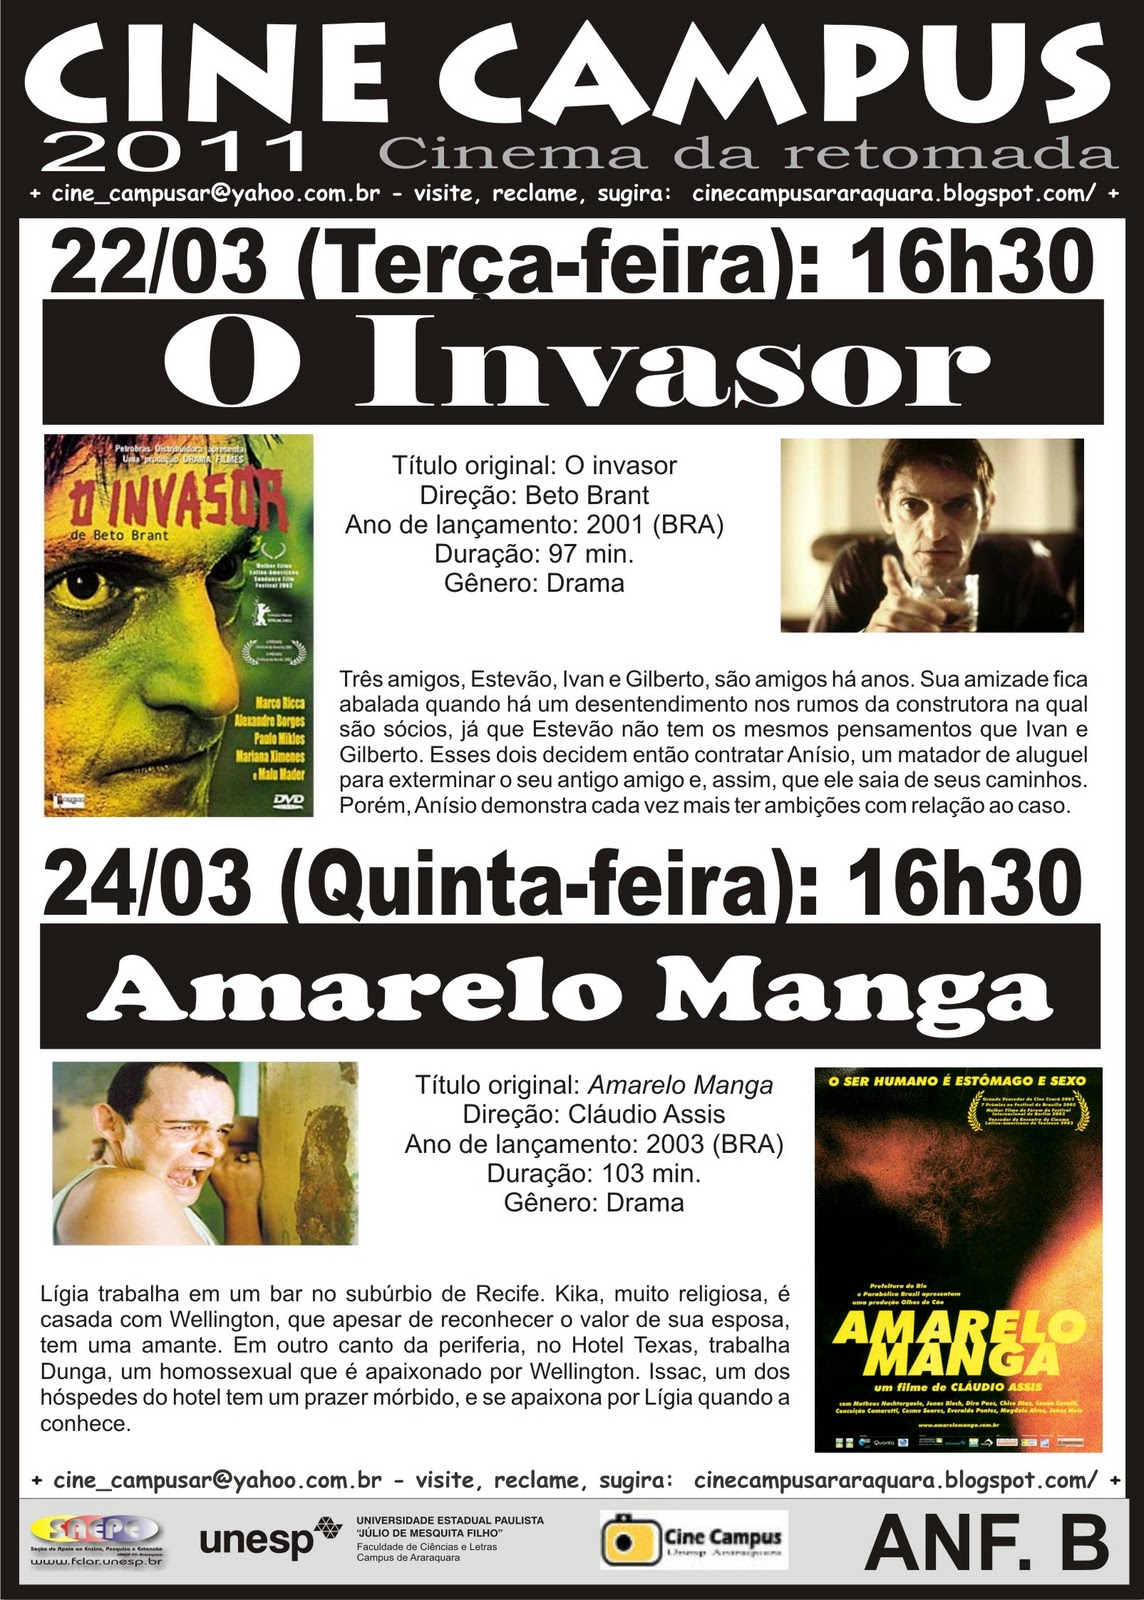 Amarelo Manga 2002 cine campus araraquara: cinema da retomada